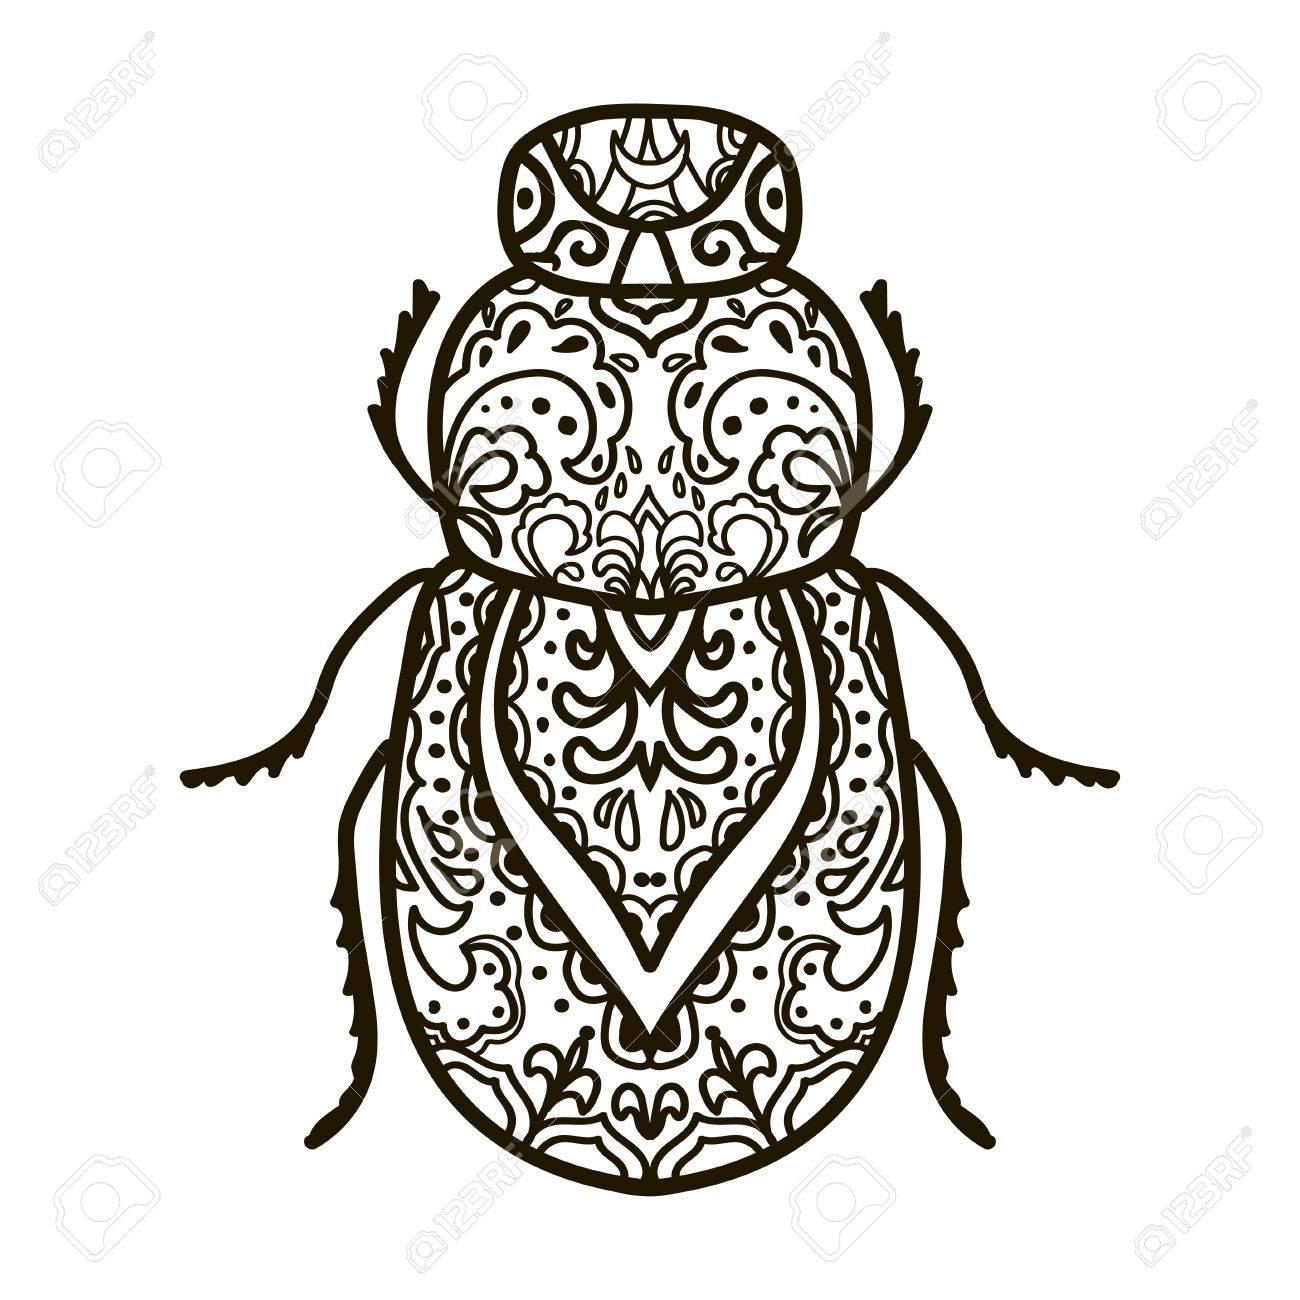 Escarabajo. Animales. Dibujado A Mano Doodle Del Insecto ...